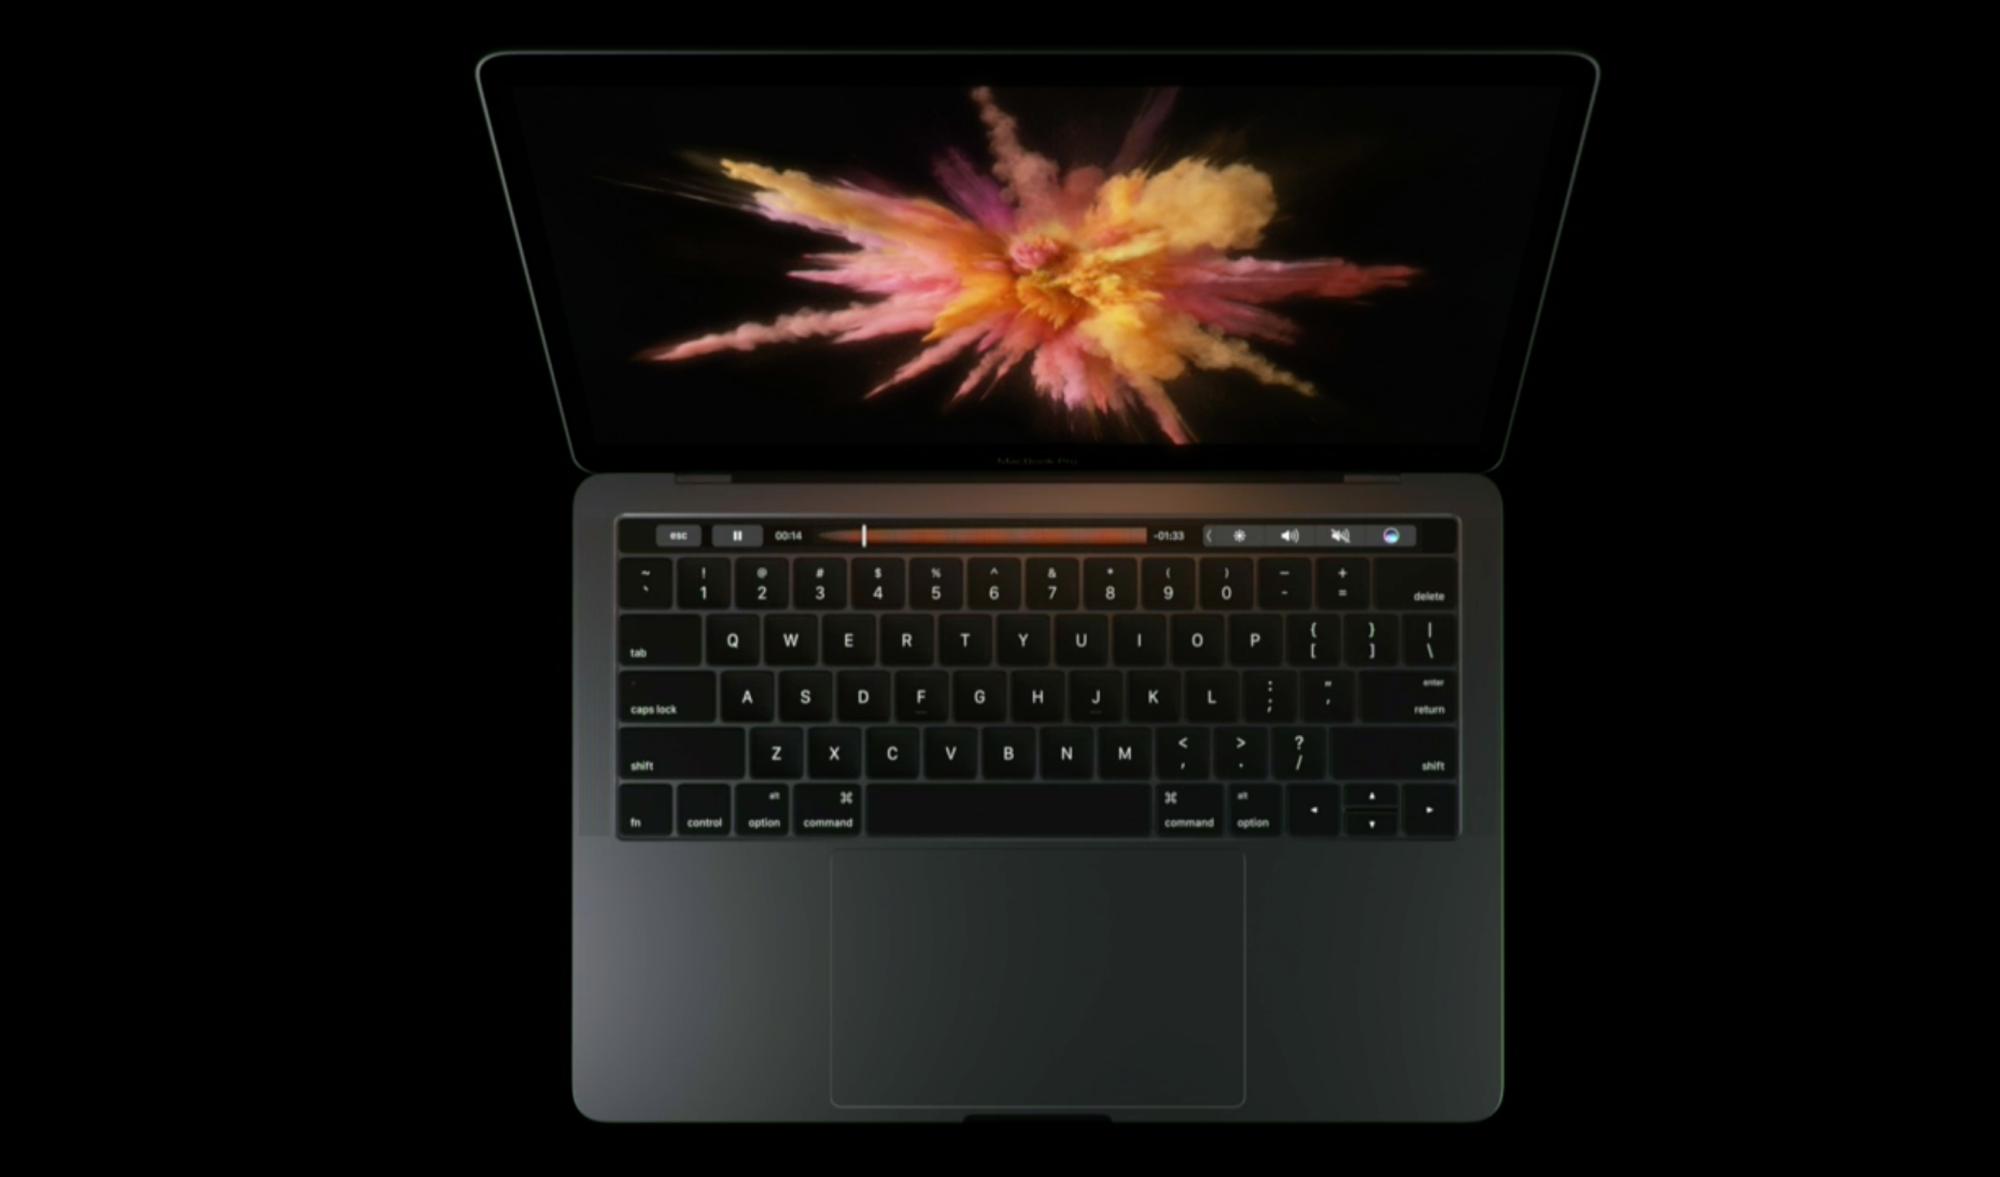 macbookpro2016_2